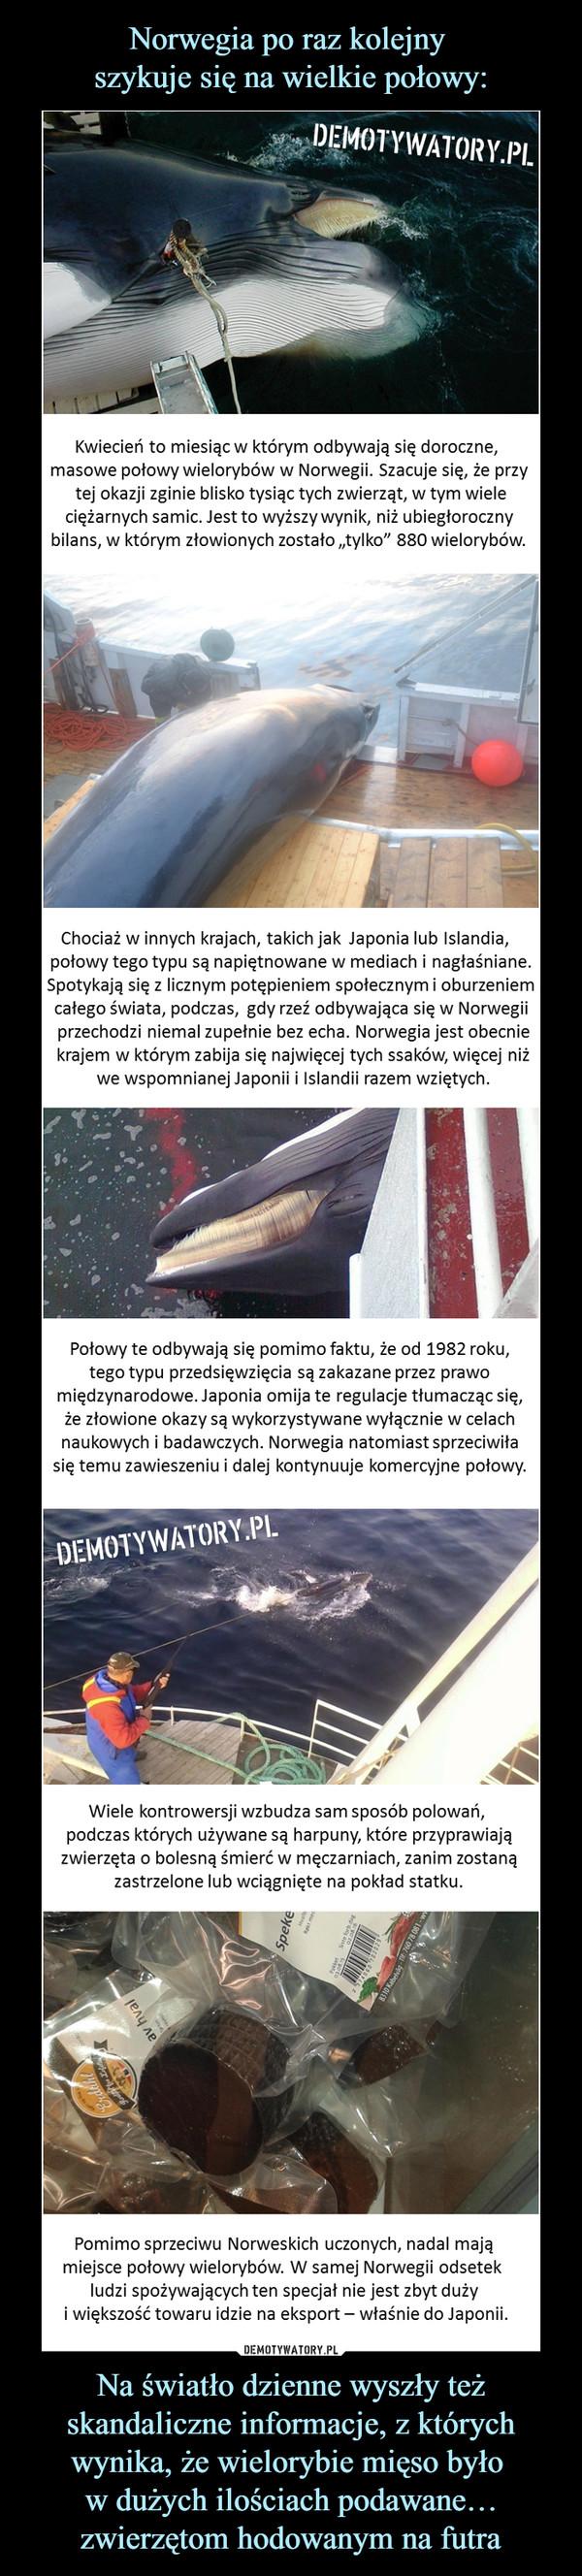 """Na światło dzienne wyszły też skandaliczne informacje, z których wynika, że wielorybie mięso było w dużych ilościach podawane… zwierzętom hodowanym na futra –  Kwiecień to miesiąc w którym odbywają się doroczne, masowe połowy wielorybów w Norwegii. Szacuje się, że przy tej okazji zginie blisko tysiąc tych zwierząt, w tym wiele ciężarnych samic. Jest to wyższy wynik, niż ubiegłoroczny bilans, w którym złowionych zostało """"tylko"""" 880 wielorybów.Chociaż w innych krajach, takich jak w Japonia lub Islandia, połowy tego typu są napiętnowane w mediach i nagłaśniane.Spotykają się z licznym potępieniem społecznym i oburzeniemcałego świata, podczas,  gdy rzeź odbywająca się w Norwegii przechodzi niemal zupełnie bez echa. Norwegia jest obecnie krajem w którym zabija się najwięcej tych ssaków, więcej niż we wspomnianej Japonii i Islandii razem wziętychPołowy te odbywają się pomimo faktu, że od 1982 roku,tego typu przedsięwzięcia są zakazane przez prawomiędzynarodowe. Japonia omija te regulacje tłumacząc się,że złowione okazy są wykorzystywane wyłącznie w celachnaukowych i badawczych. Norwegia natomiast sprzeciwiłasię temu zawieszeniu i dalej kontynuuje komercyjne połowy.Wiele kontrowersji wzbudza sam sposób polowań, podczas których używane są harpuny, które przyprawiajązwierzęta o bolesną śmierć w męczarniach, zanim zostanązastrzelone lub wciągnięte na pokład statku.Pomimo sprzeciwu Norweskich uczonych, nadal mająmiejsce połowy wielorybów. W samej Norwegii odsetek ludzi spożywających ten specjał nie jest zbyt duży i większość towaru idzie na eksport – właśnie do Japonii."""